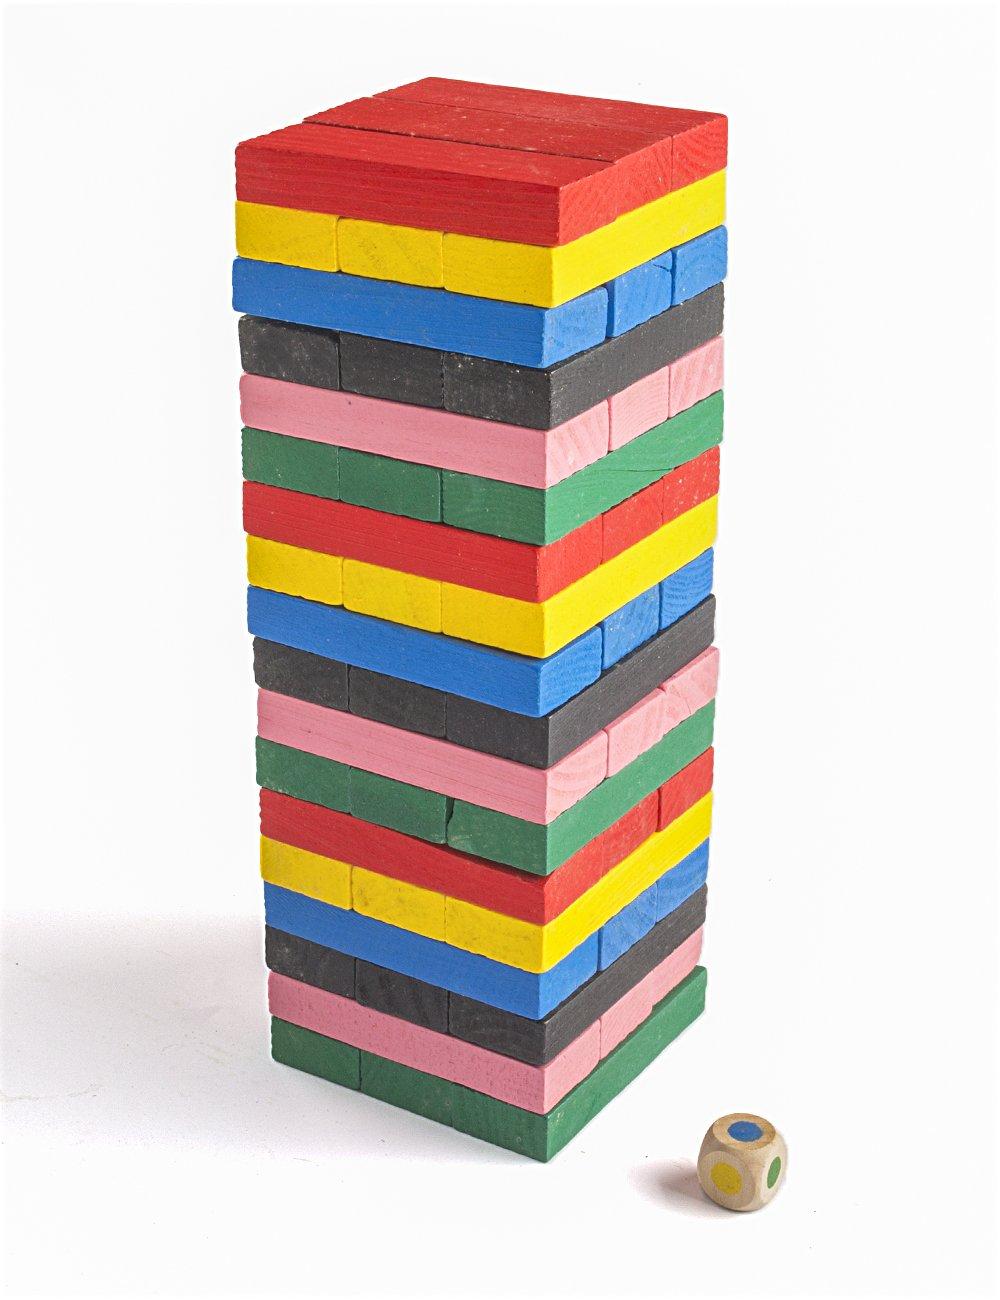 【メール便不可】 POPLAYカラフル木製TumberブロックDrinking Game B01KSTNS38 – 54ピース 54ピース Game B01KSTNS38, 米粉の手焼きドーナツ いなほや:9919070a --- dou13magadan.ru